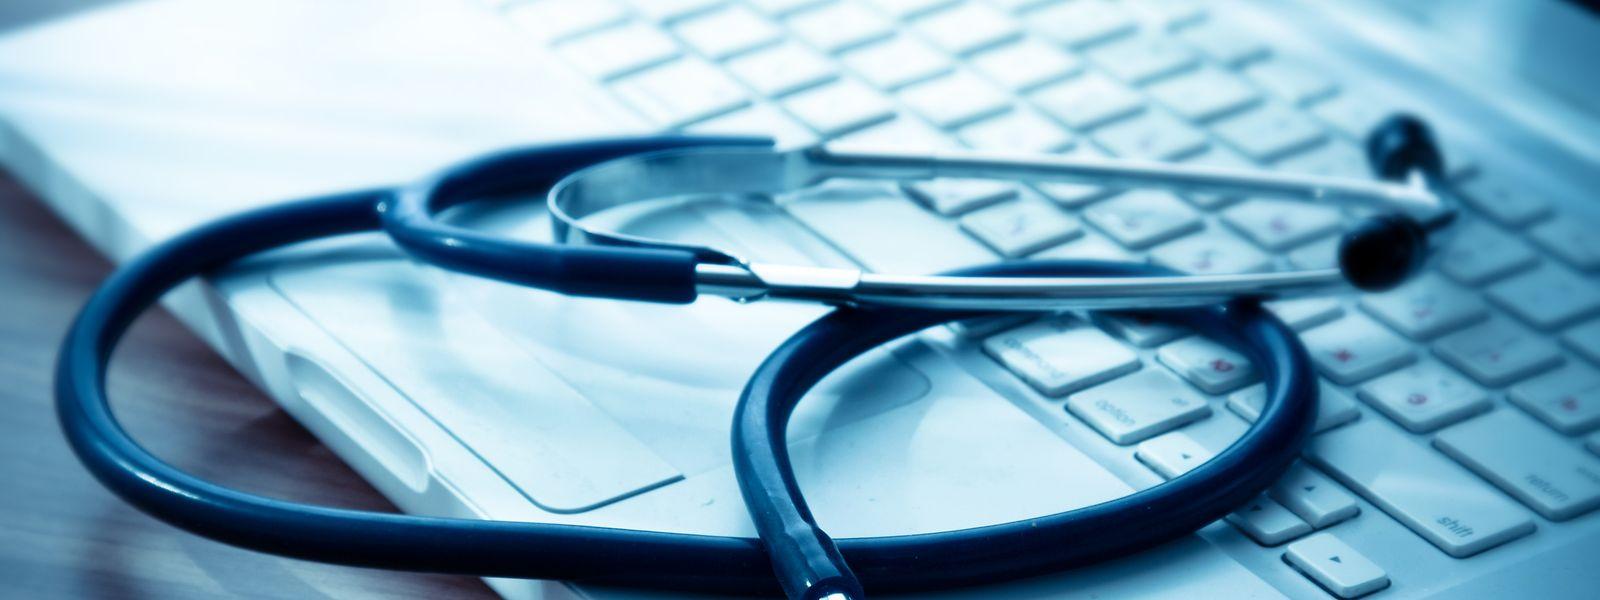 Das kostenlose Onlinetool der Fedil prüft die Onlinesicherheit auf Herz und Nieren.